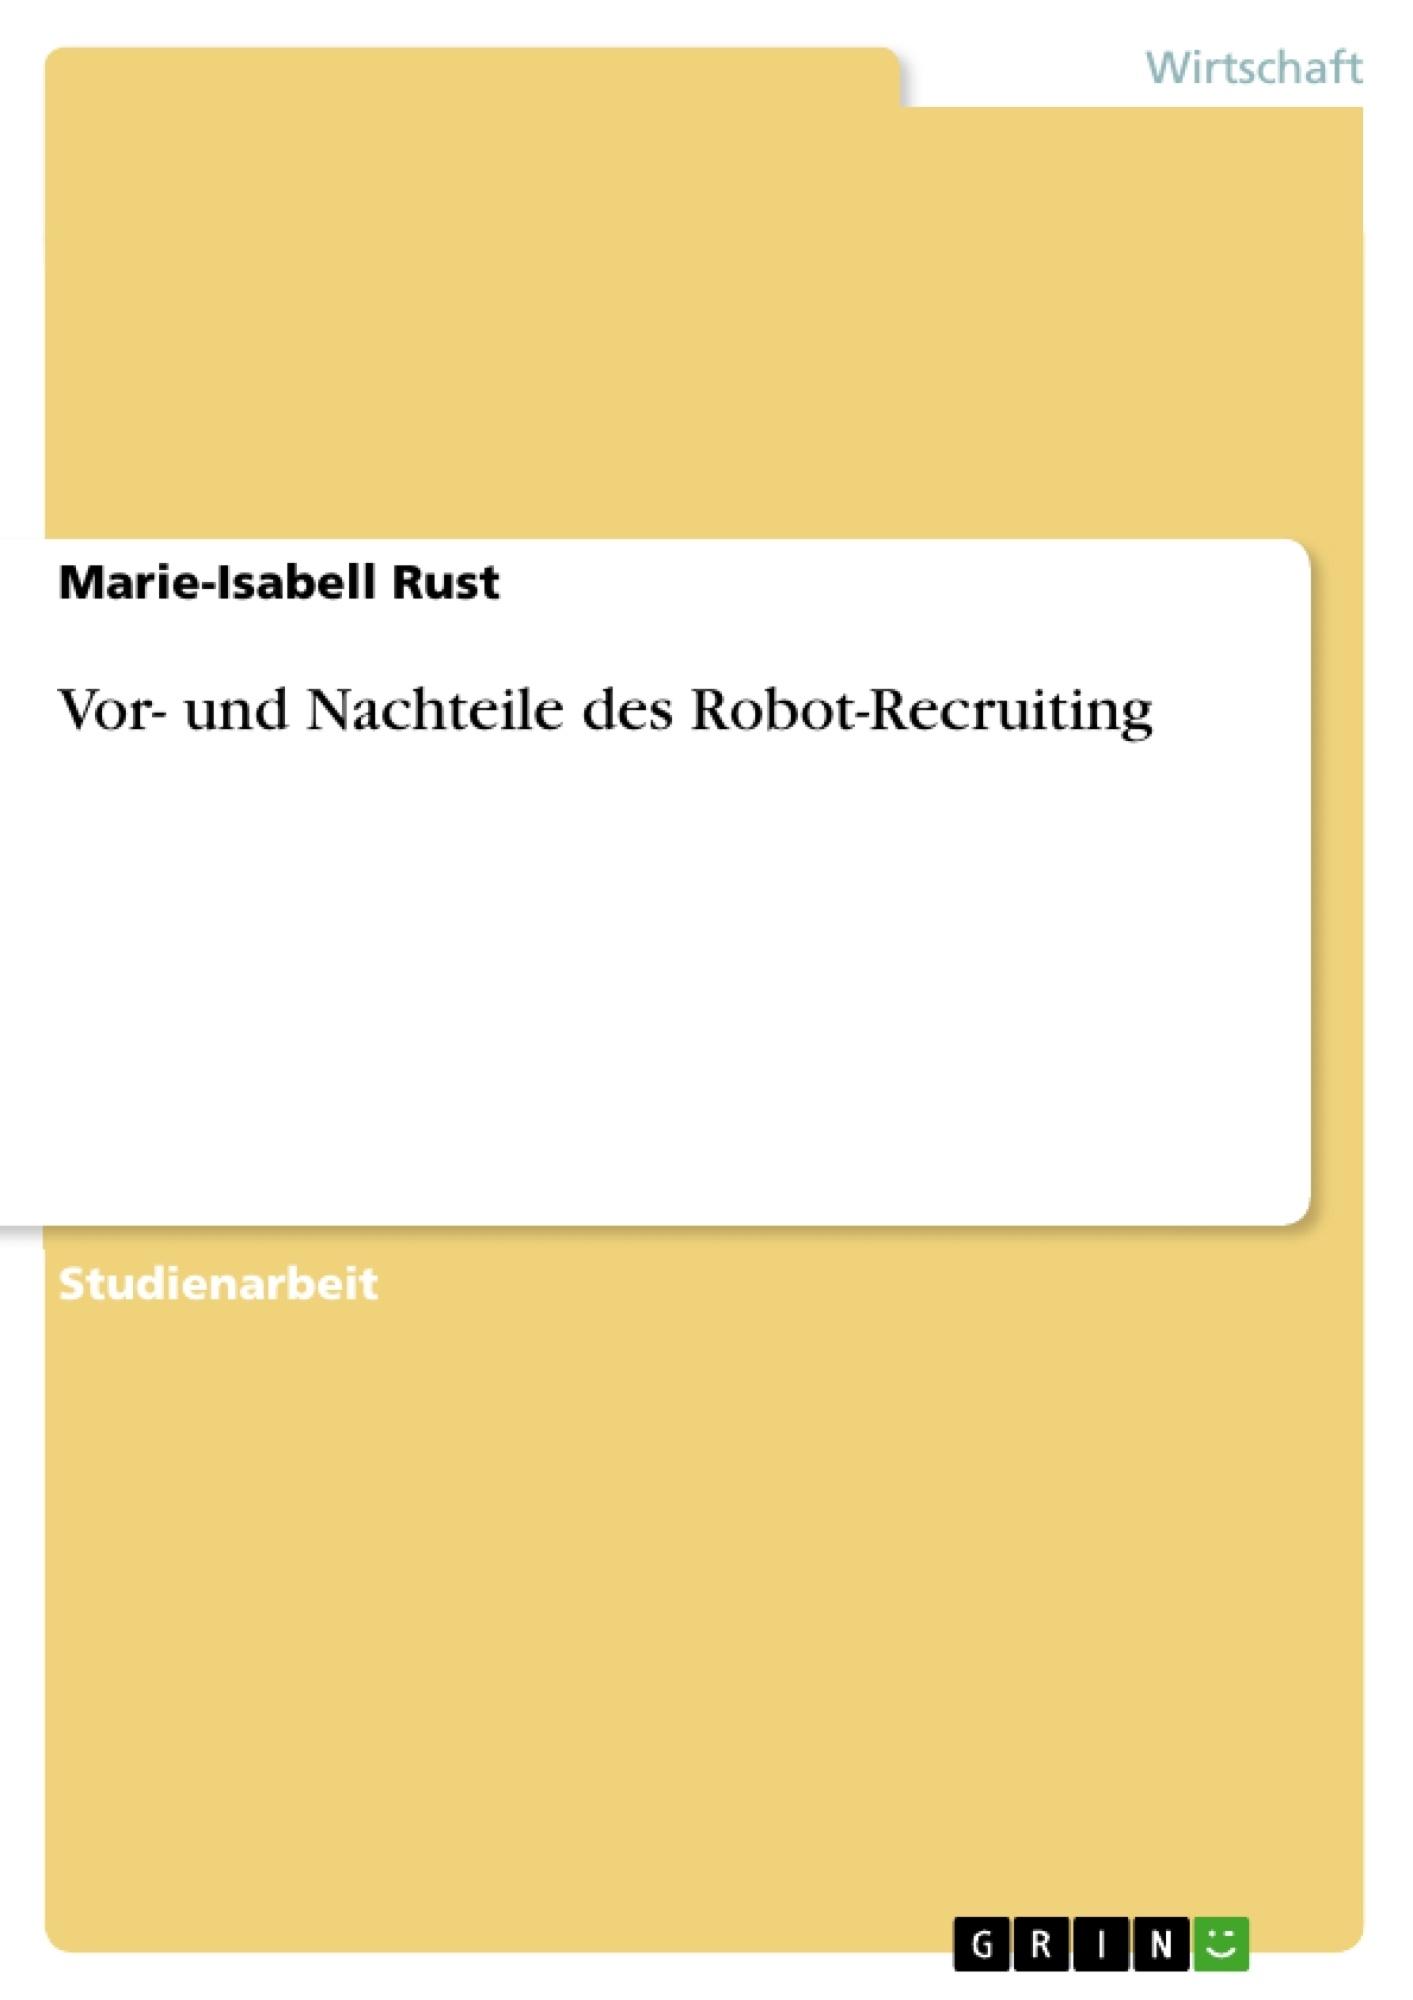 Titel: Vor- und Nachteile des Robot-Recruiting